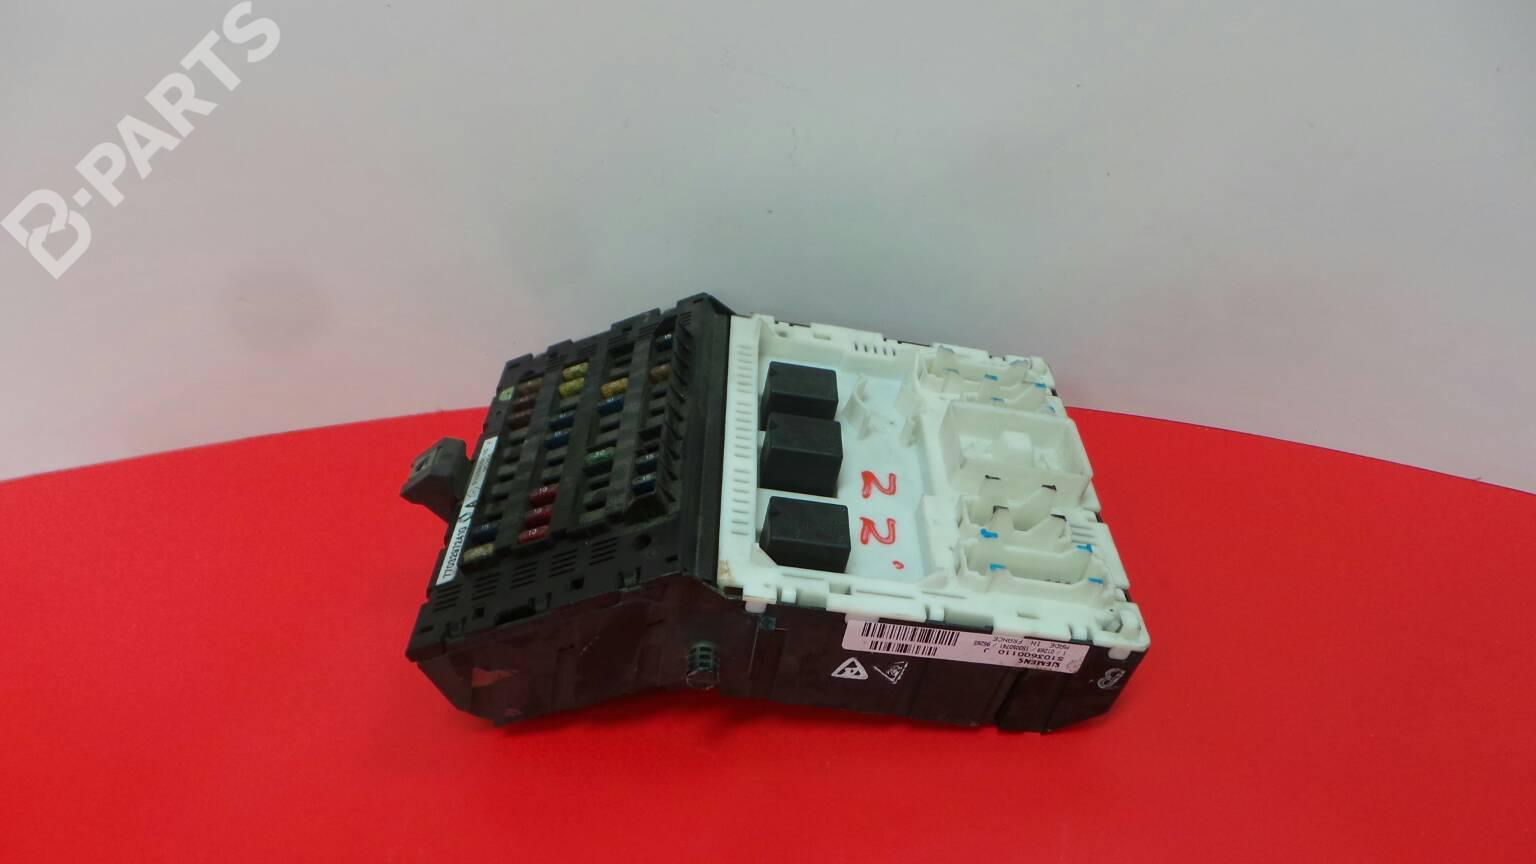 Fuse Box Renault Megane I Ba0 1 14 E Ba0e Ba0v 1295971 Parts S103600110 J 7703297241g